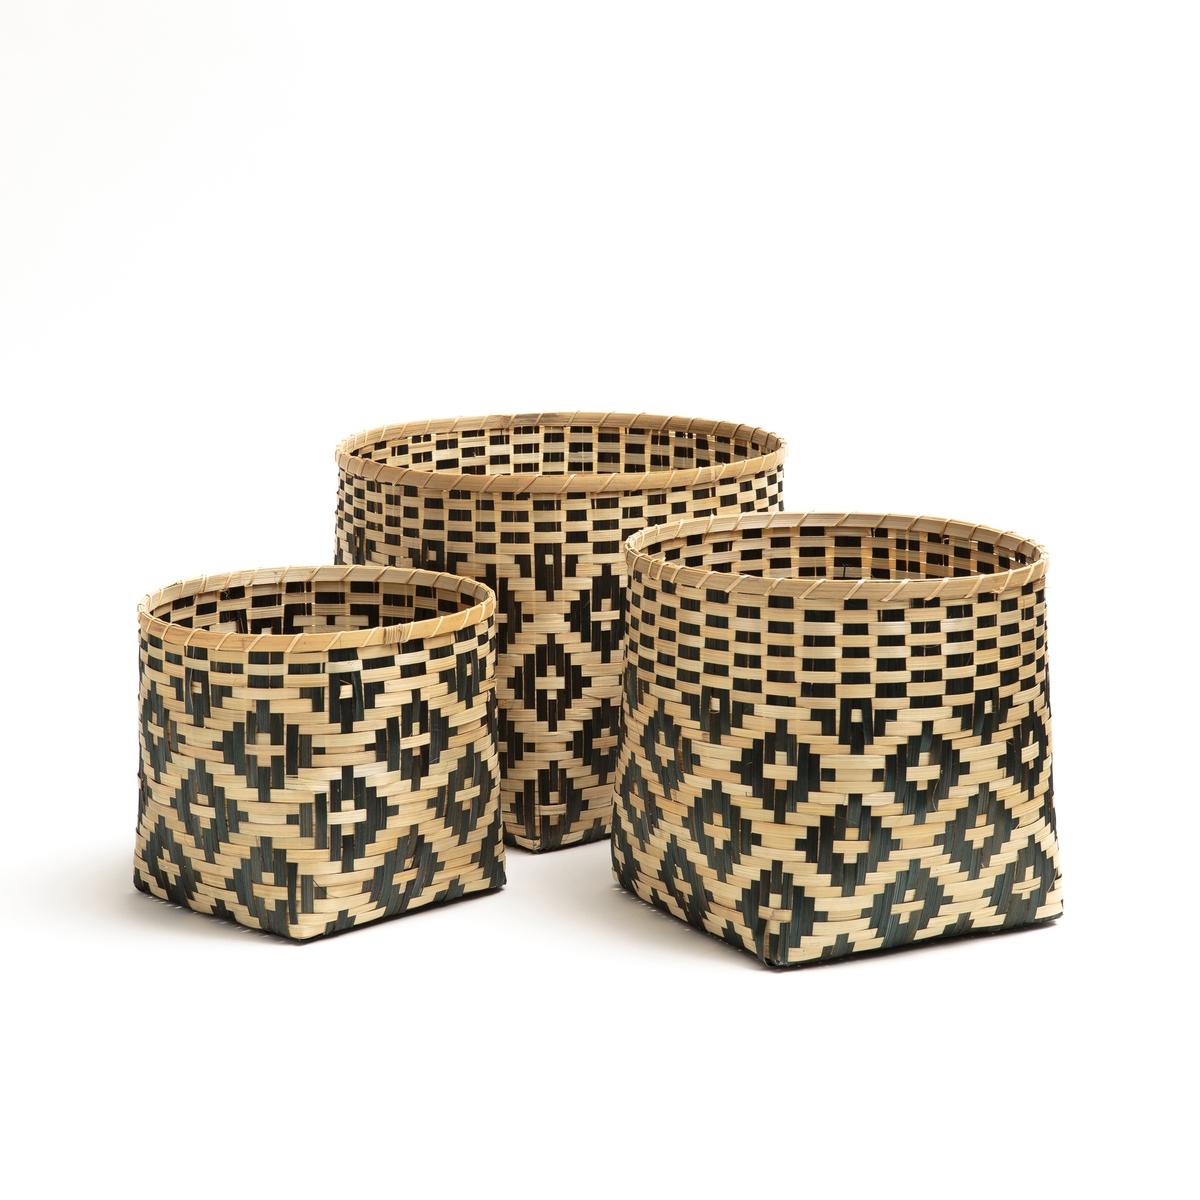 где купить Корзины La Redoute Плетеные из бамбука CHICASAW единый размер бежевый дешево